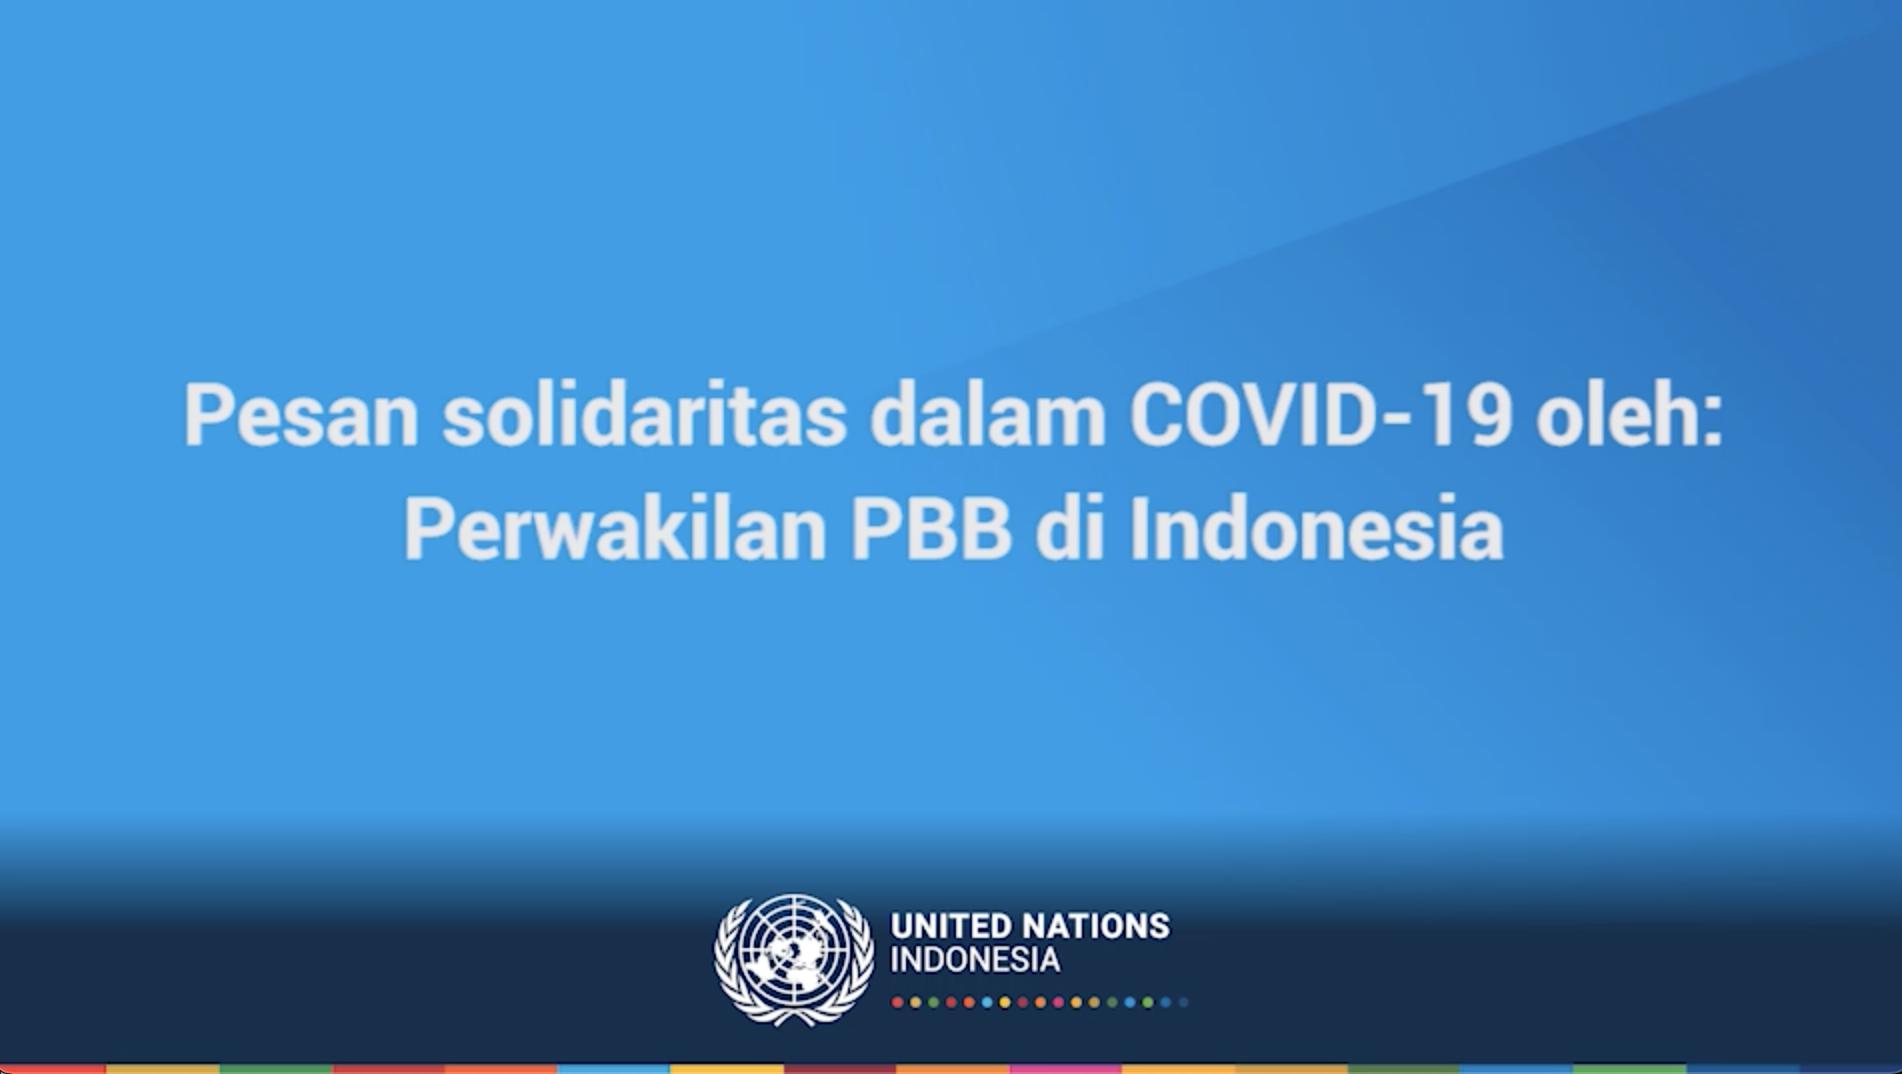 'Kepedulian satu sama lain adalah kunci untuk kita dapat melewati tantangan ini': Simak pesan Kepala Perwakilan PBB di Indonesia, Valerie Julliand, terkait COVID-19